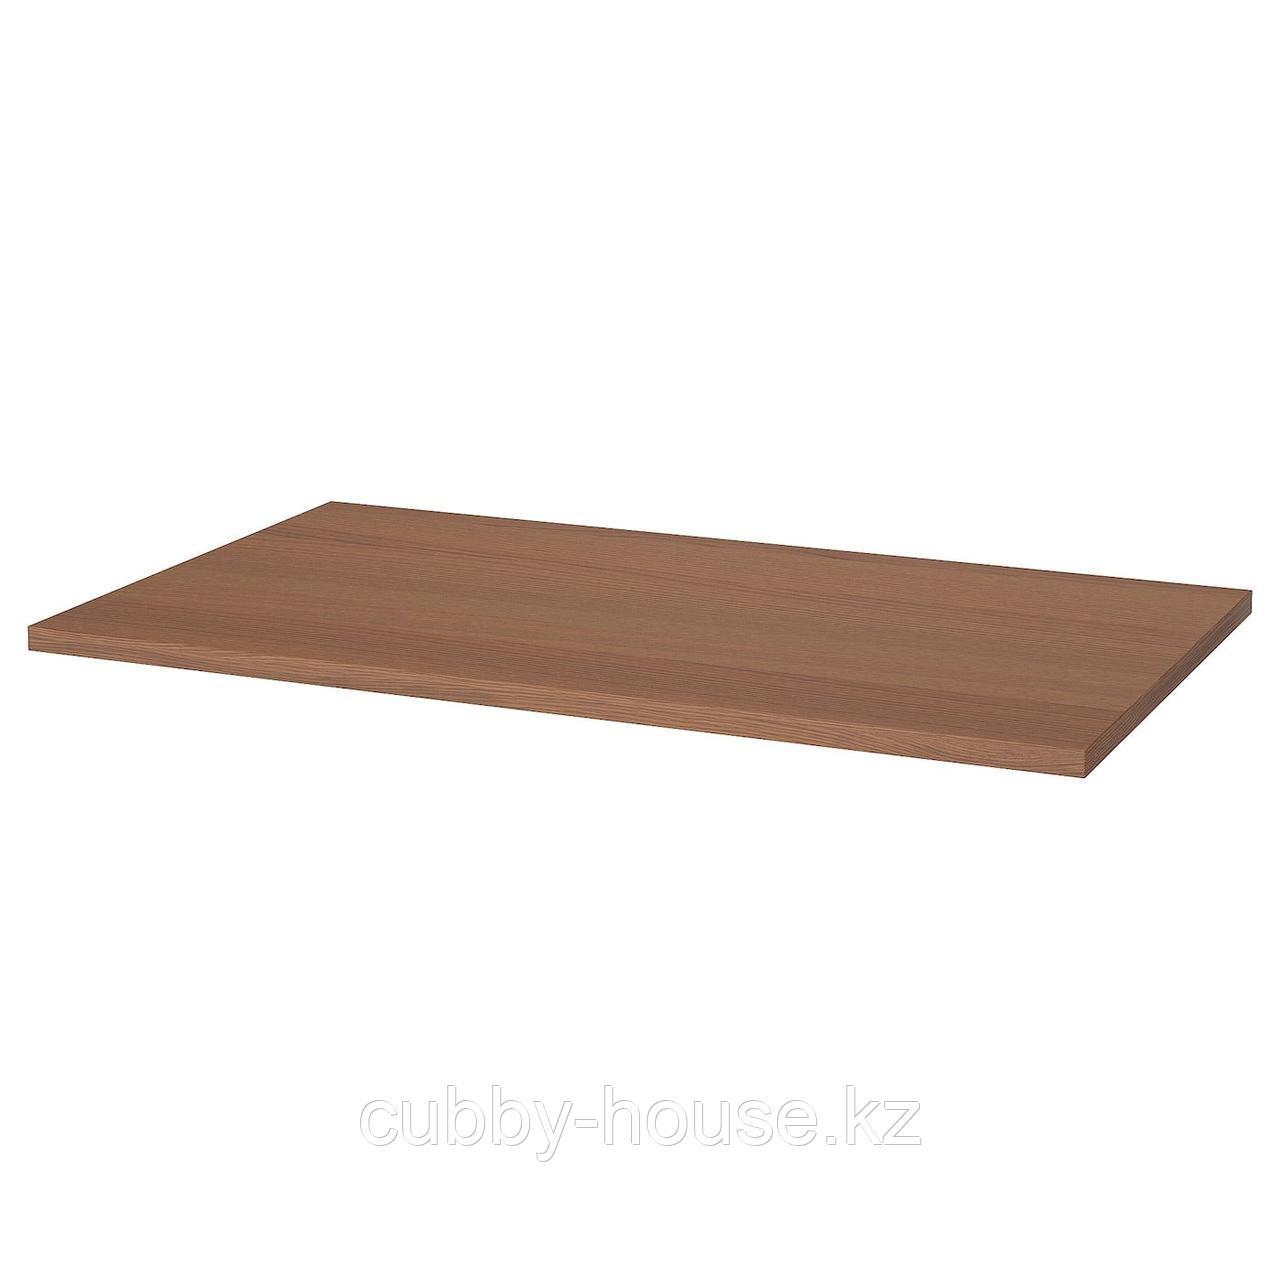 ИДОСЕН Столешница, коричневый, 120x70 см